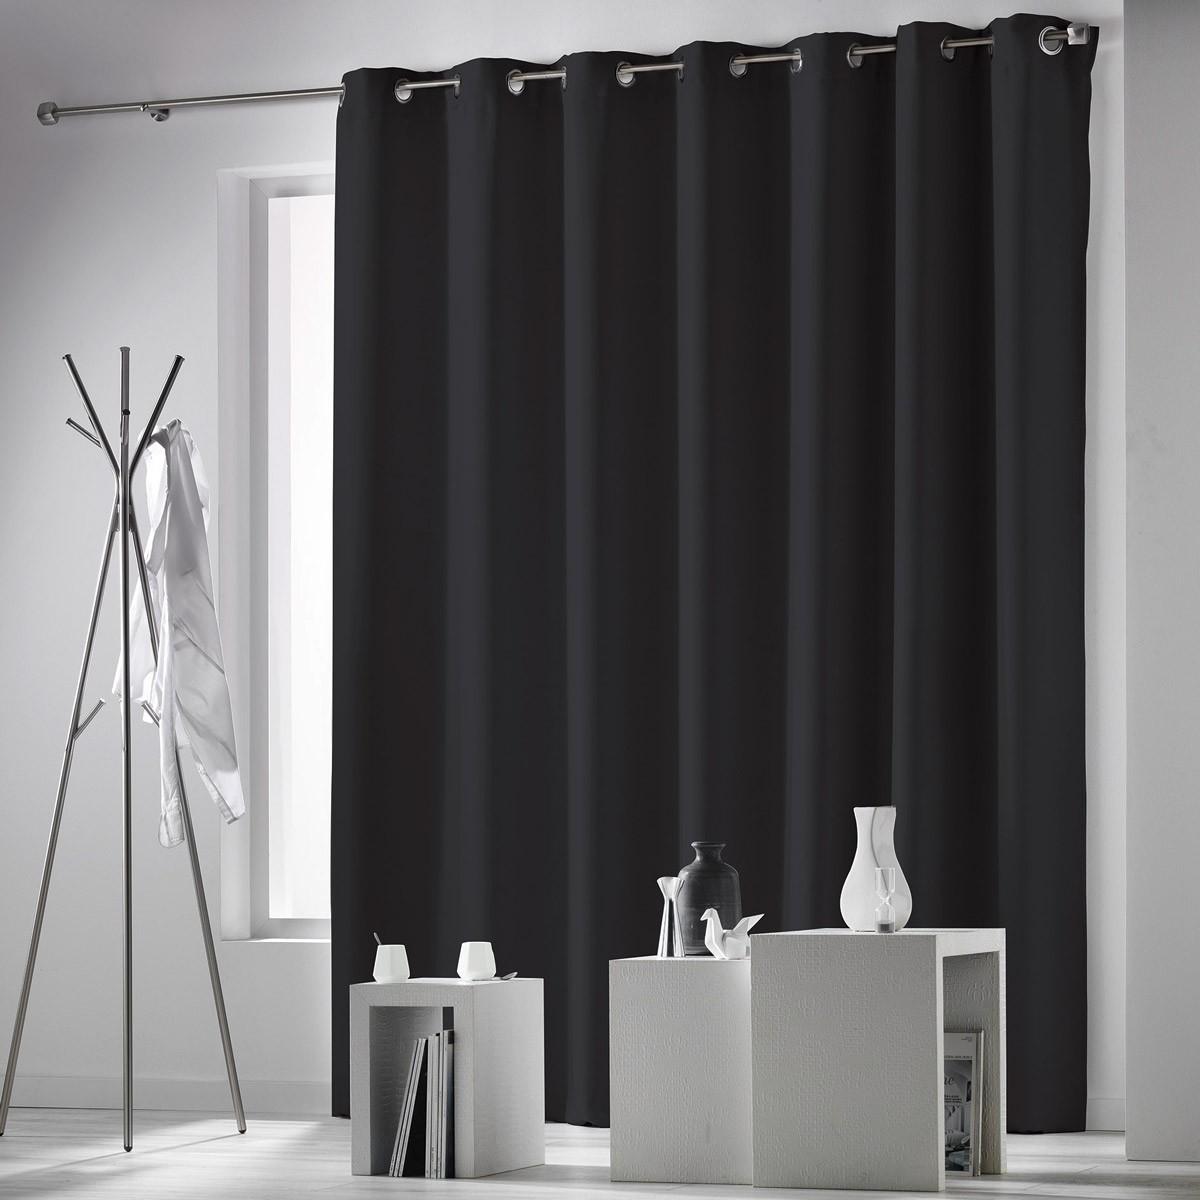 Κουρτίνα Blackout (280x260) Με Τρουκς Occulteo Noir 1606256